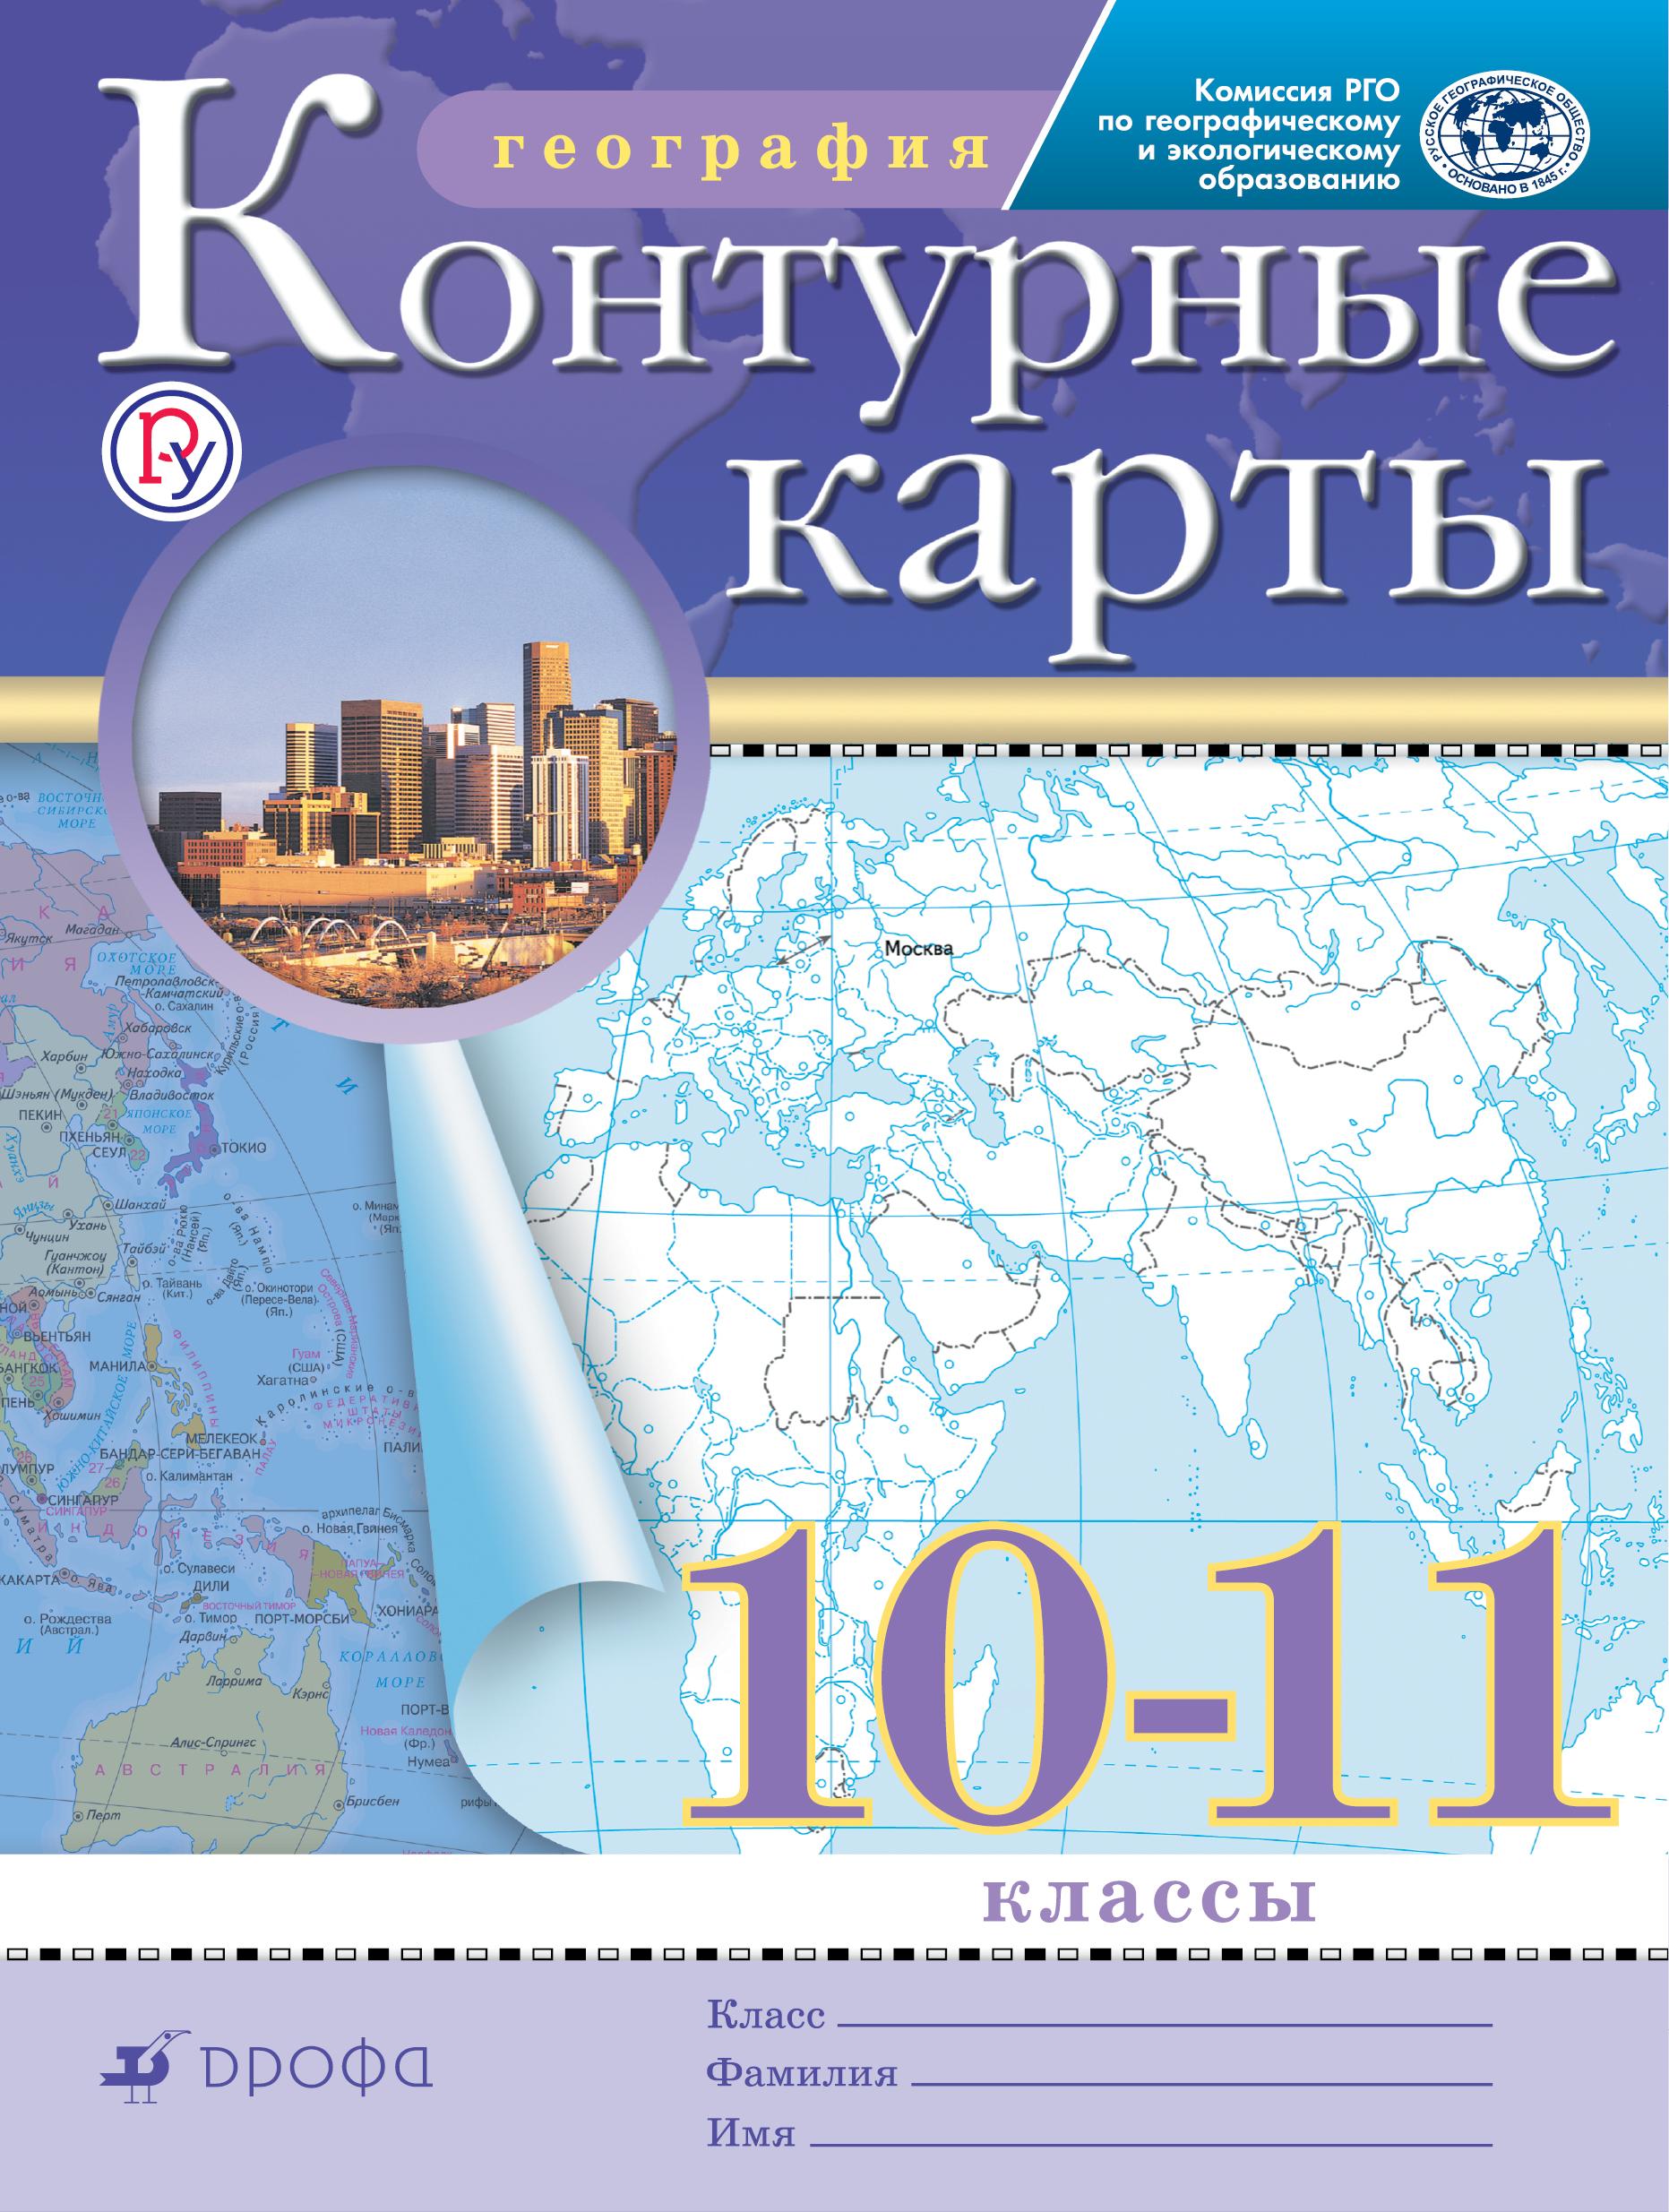 Фото - География. 10-11 классы. Контурные карты. (Традиционный комплект) (РГО) география 10 11 классы атлас традиционный комплект рго